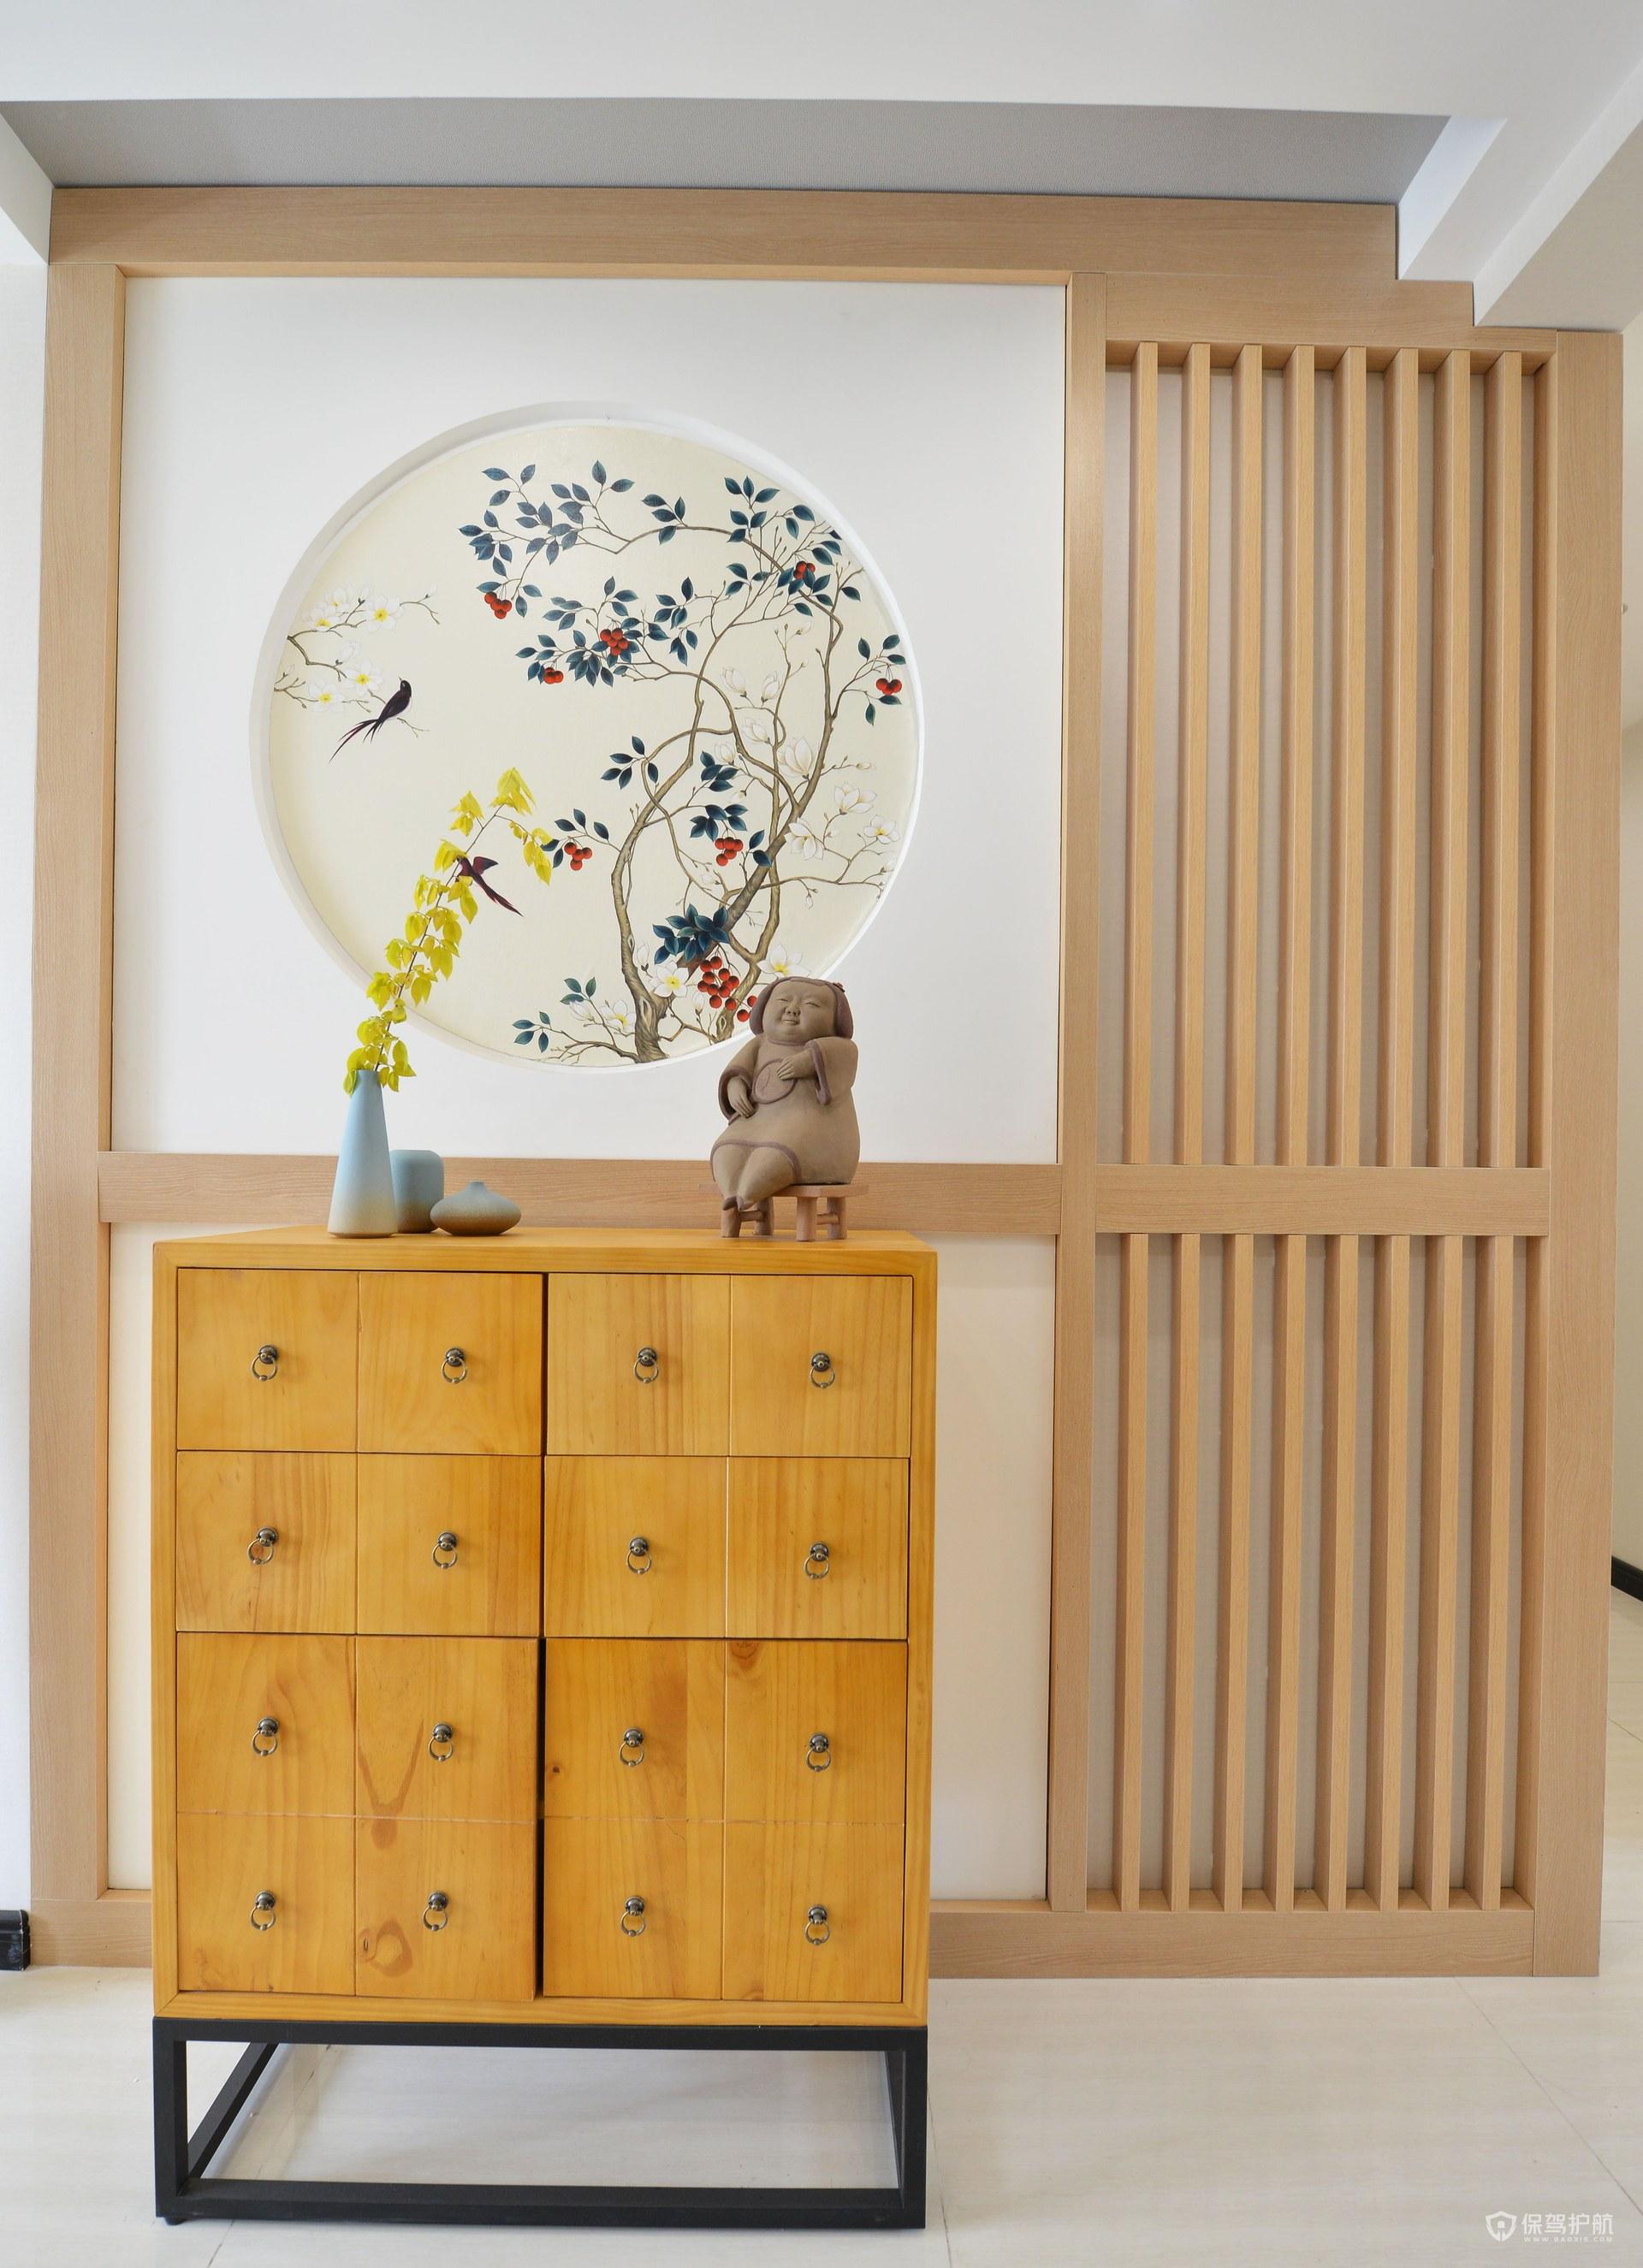 新中式原木风三房玄关柜装修效果图